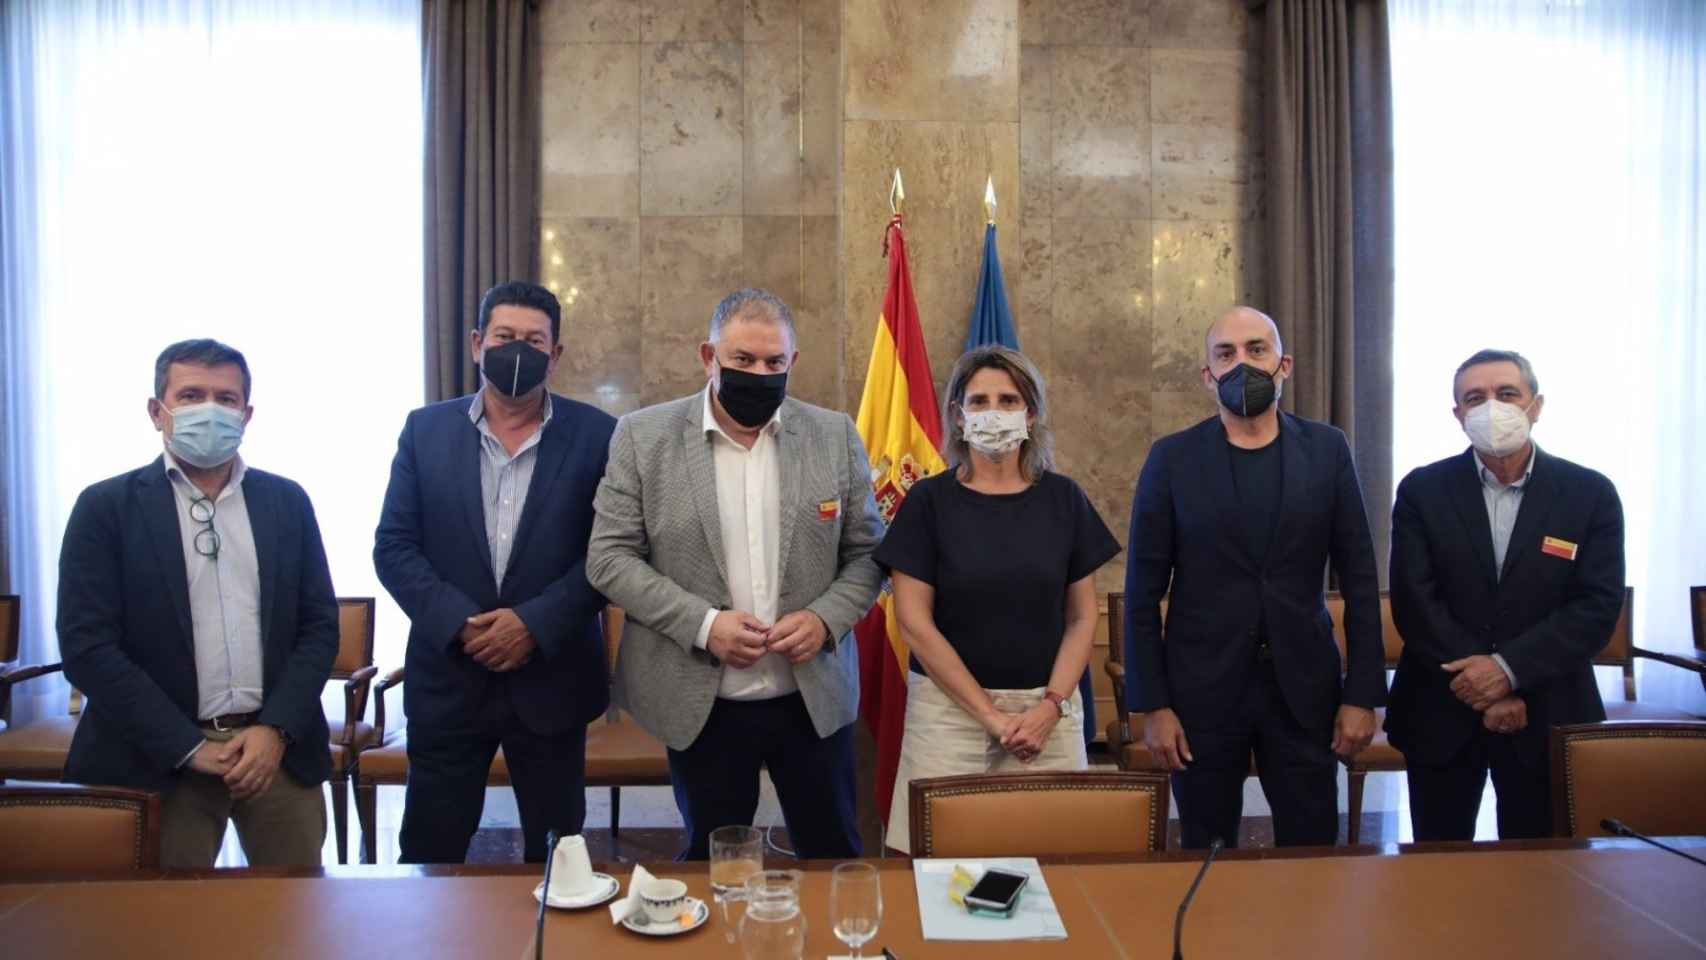 La ministra anuncia una multimillonaria inversión en las cuenca del trasvase Tajo-Segura